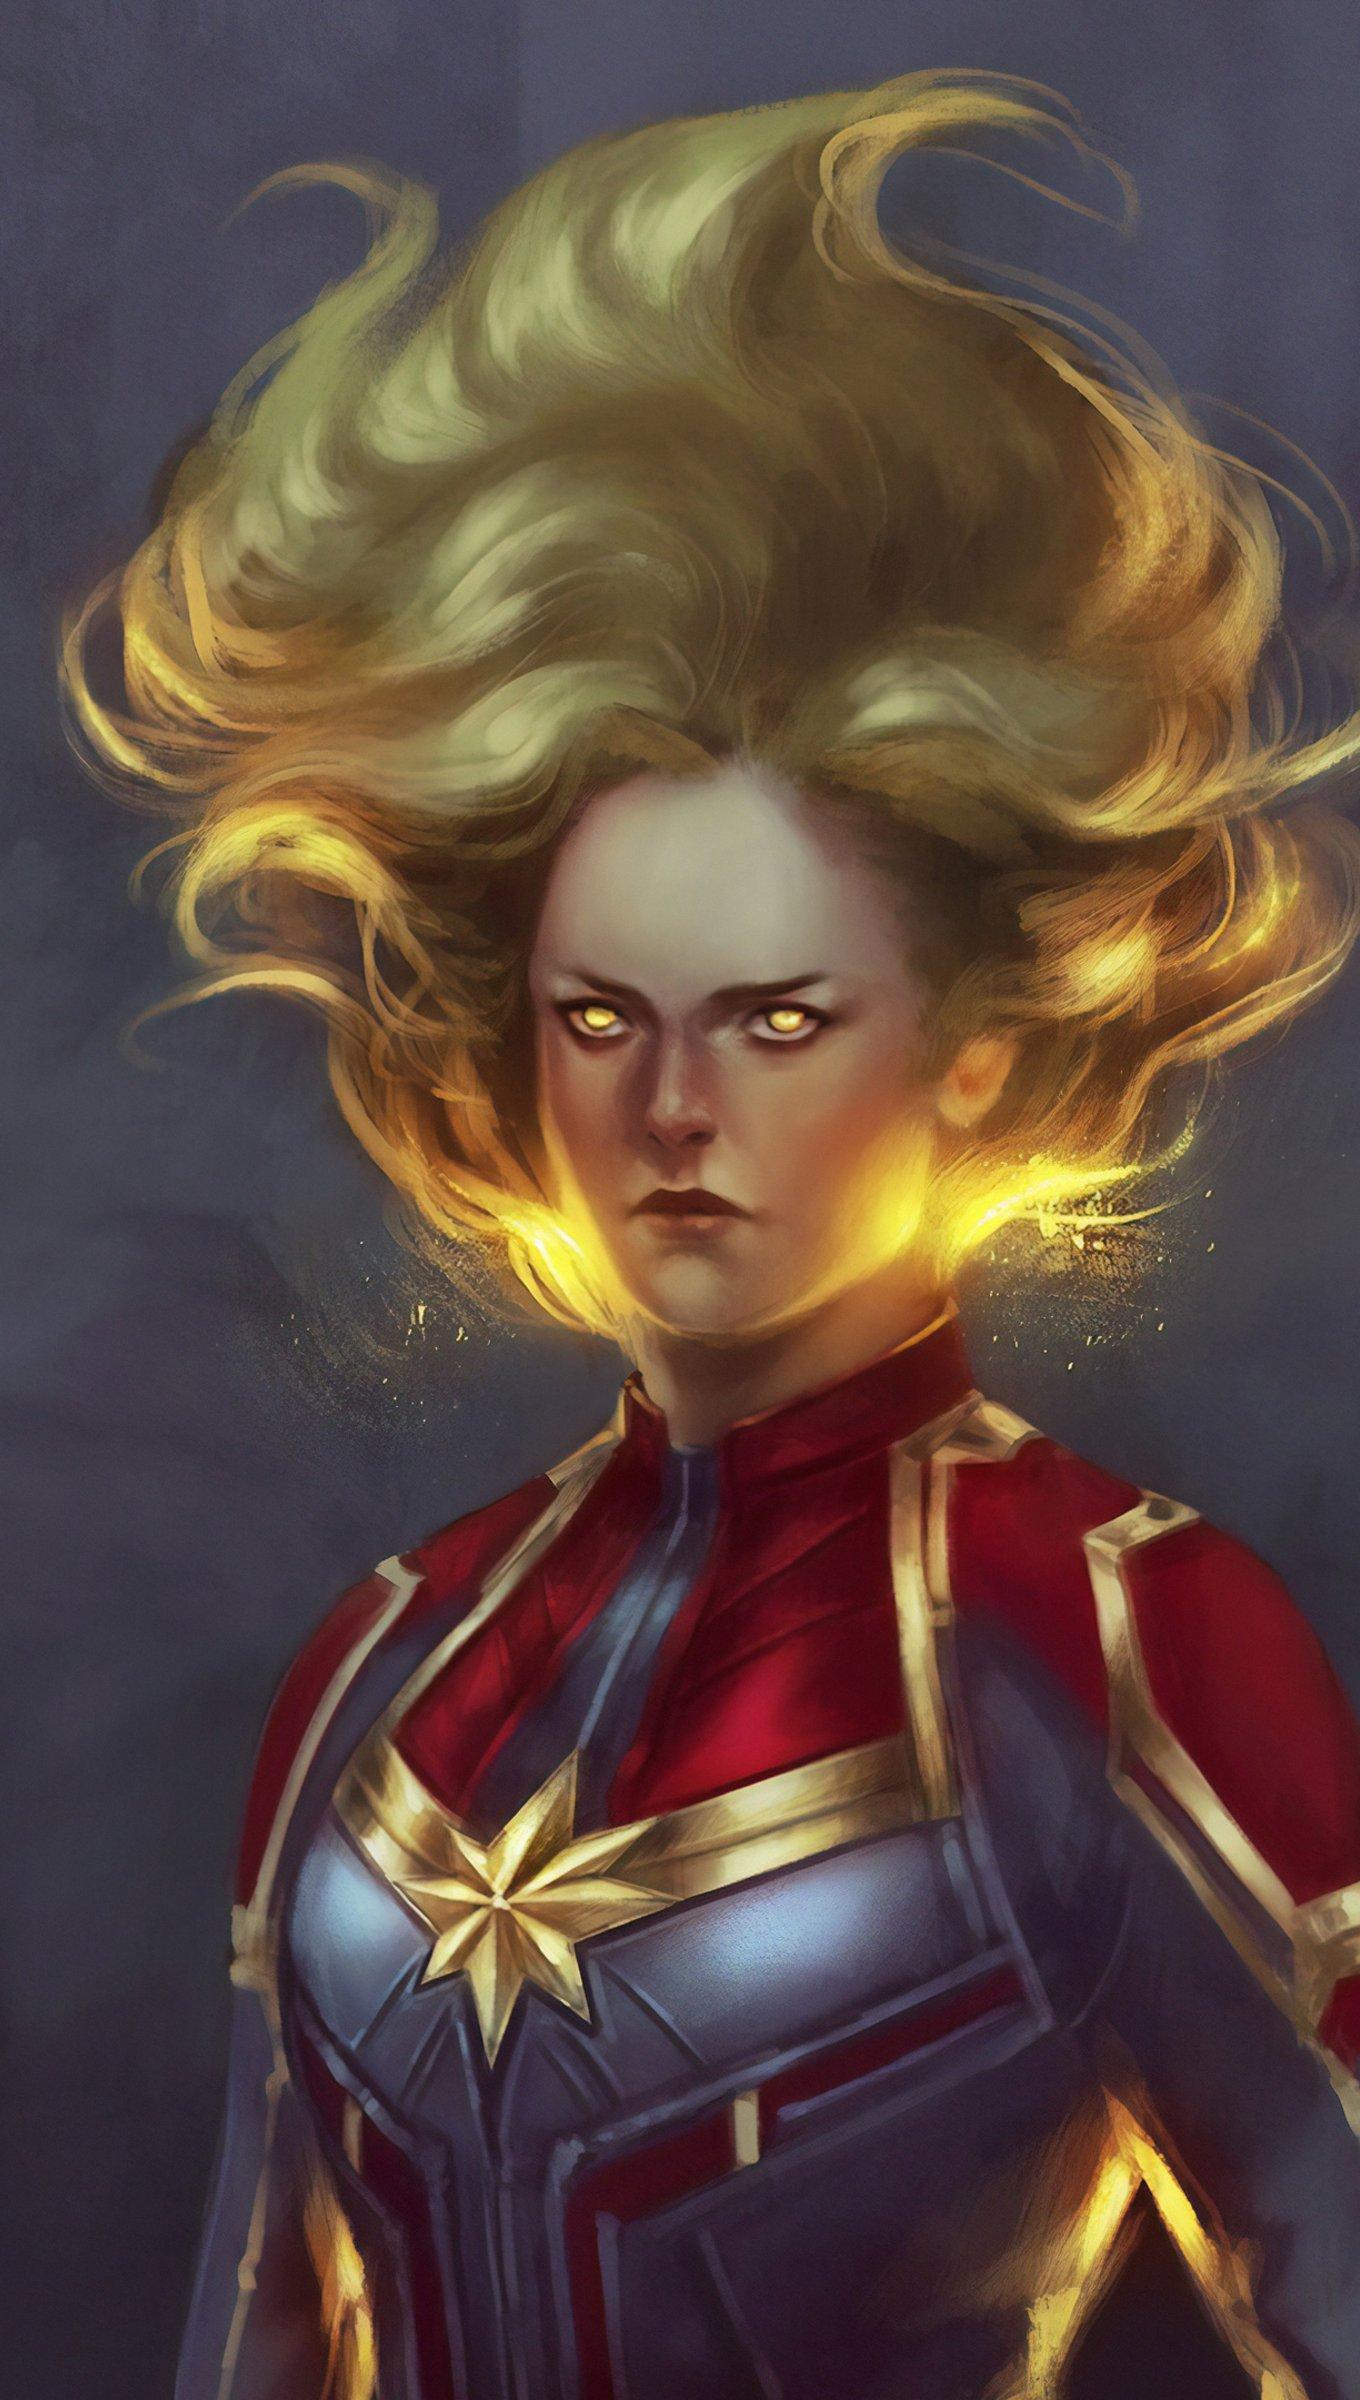 Wallpaper Captain Marvel Artwork Vertical